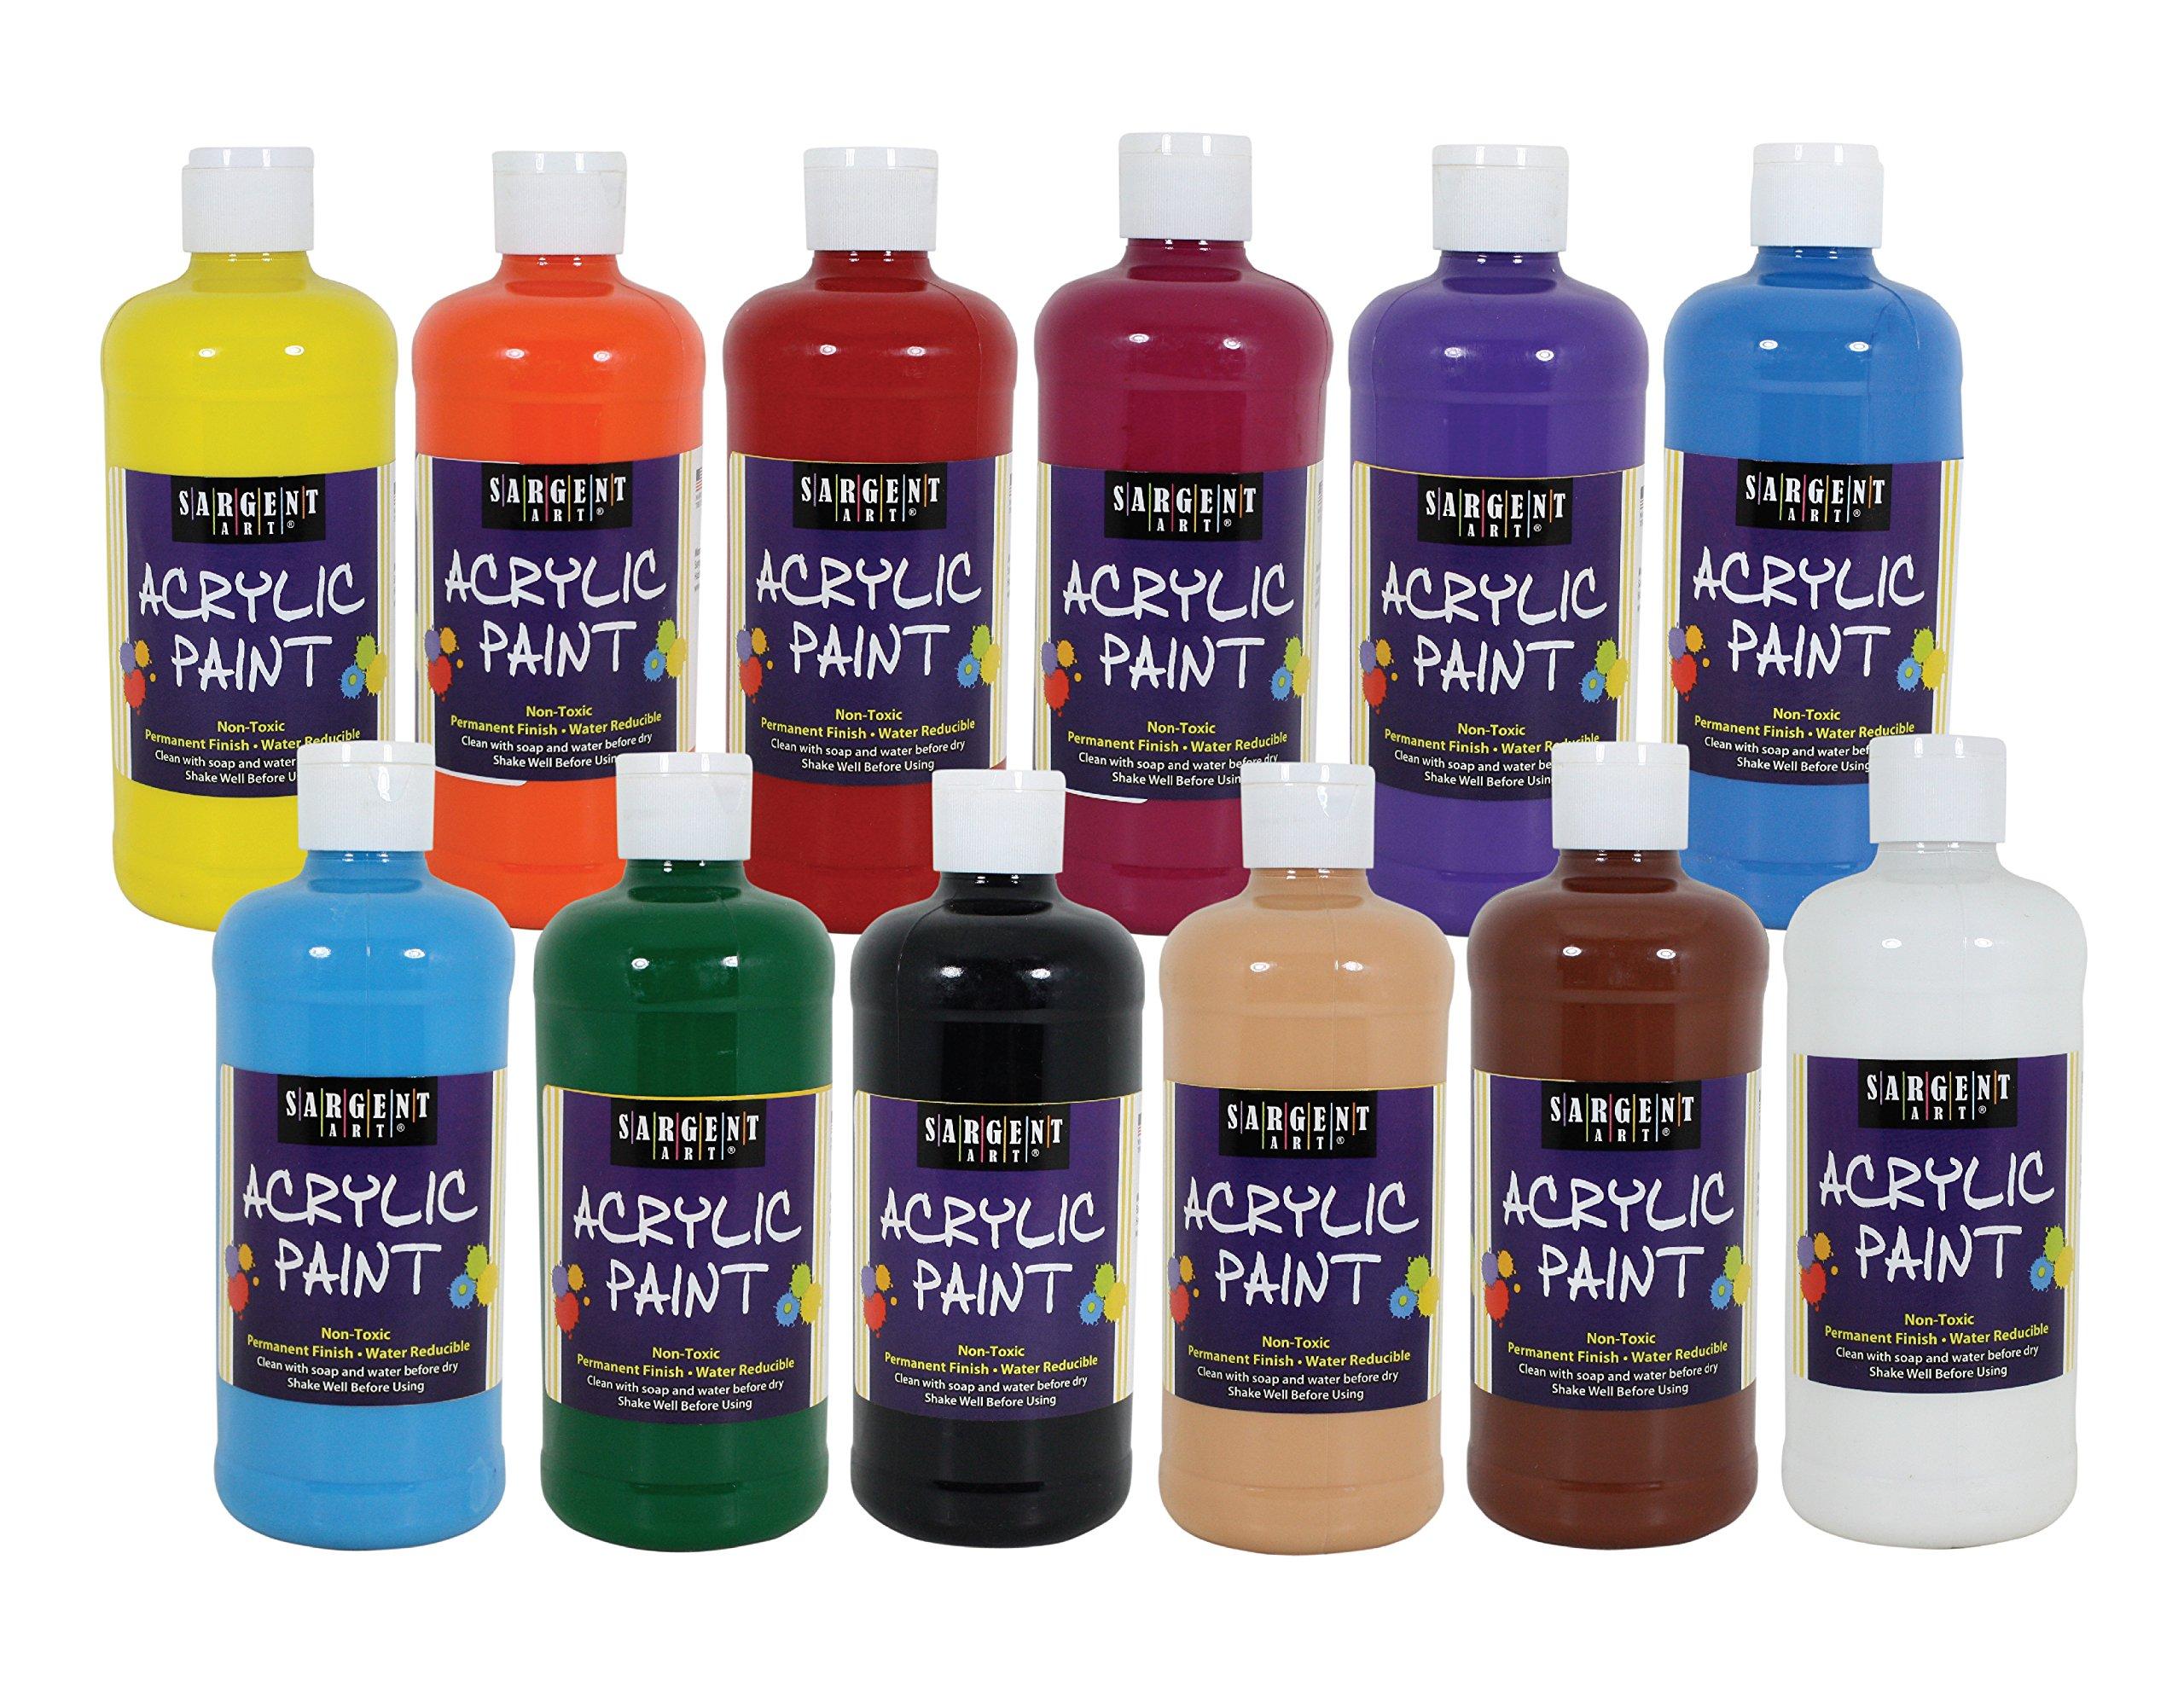 Sargent Art 24-2498 Count Artist Quality Acrylic Paint Set, 12 by Sargent Art